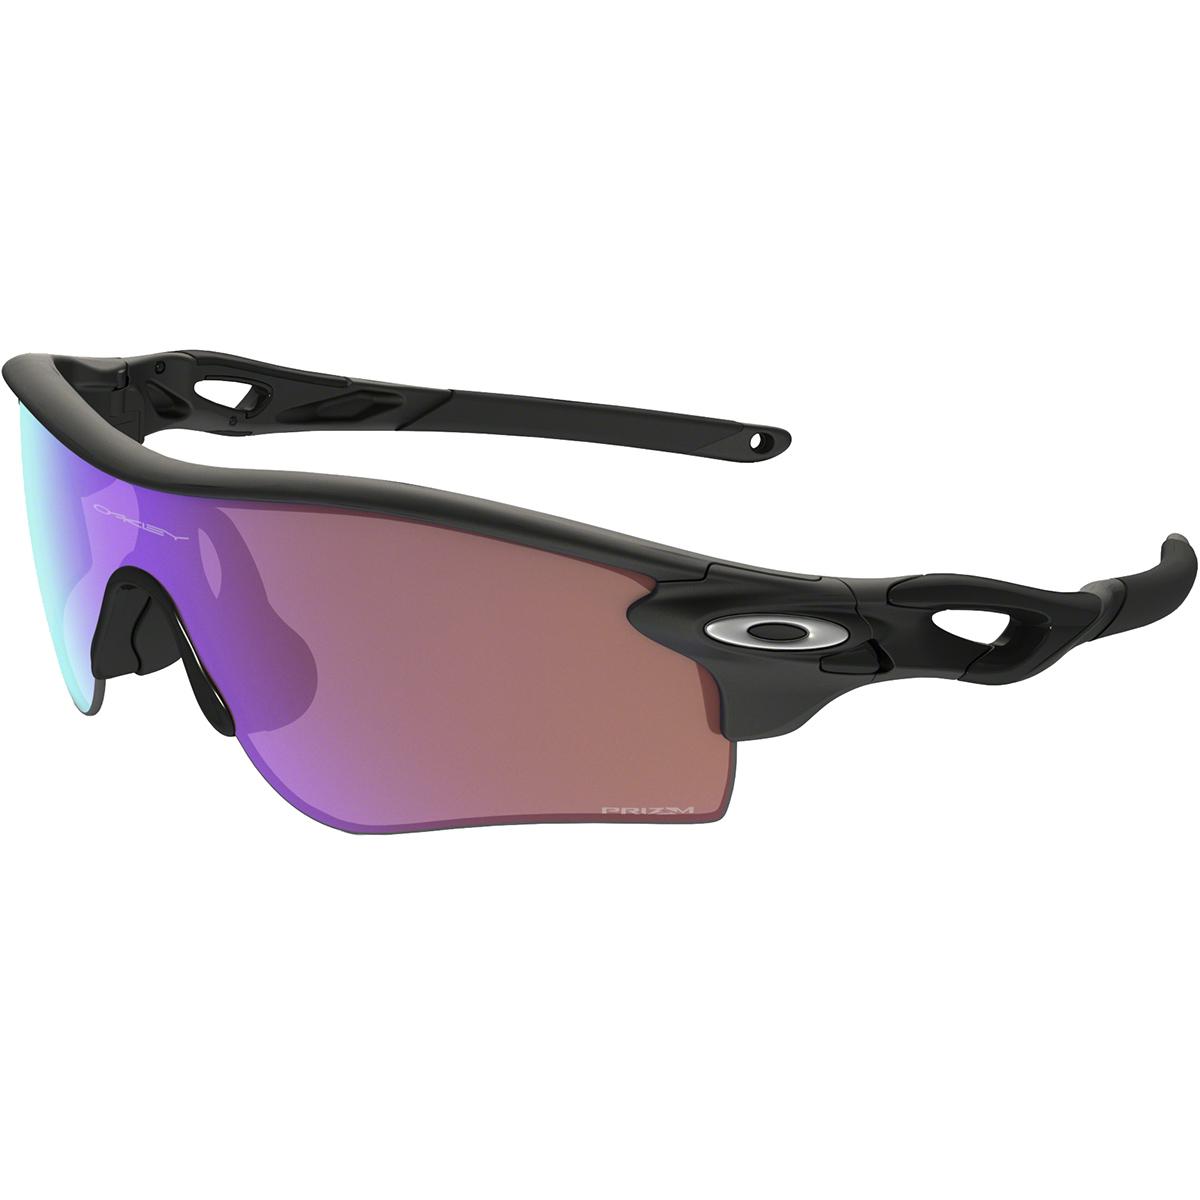 【父の日ギフト】オークリー OAKLEY Radarlock(Asia Fit) ゴルフ専用サングラス OO9206-36